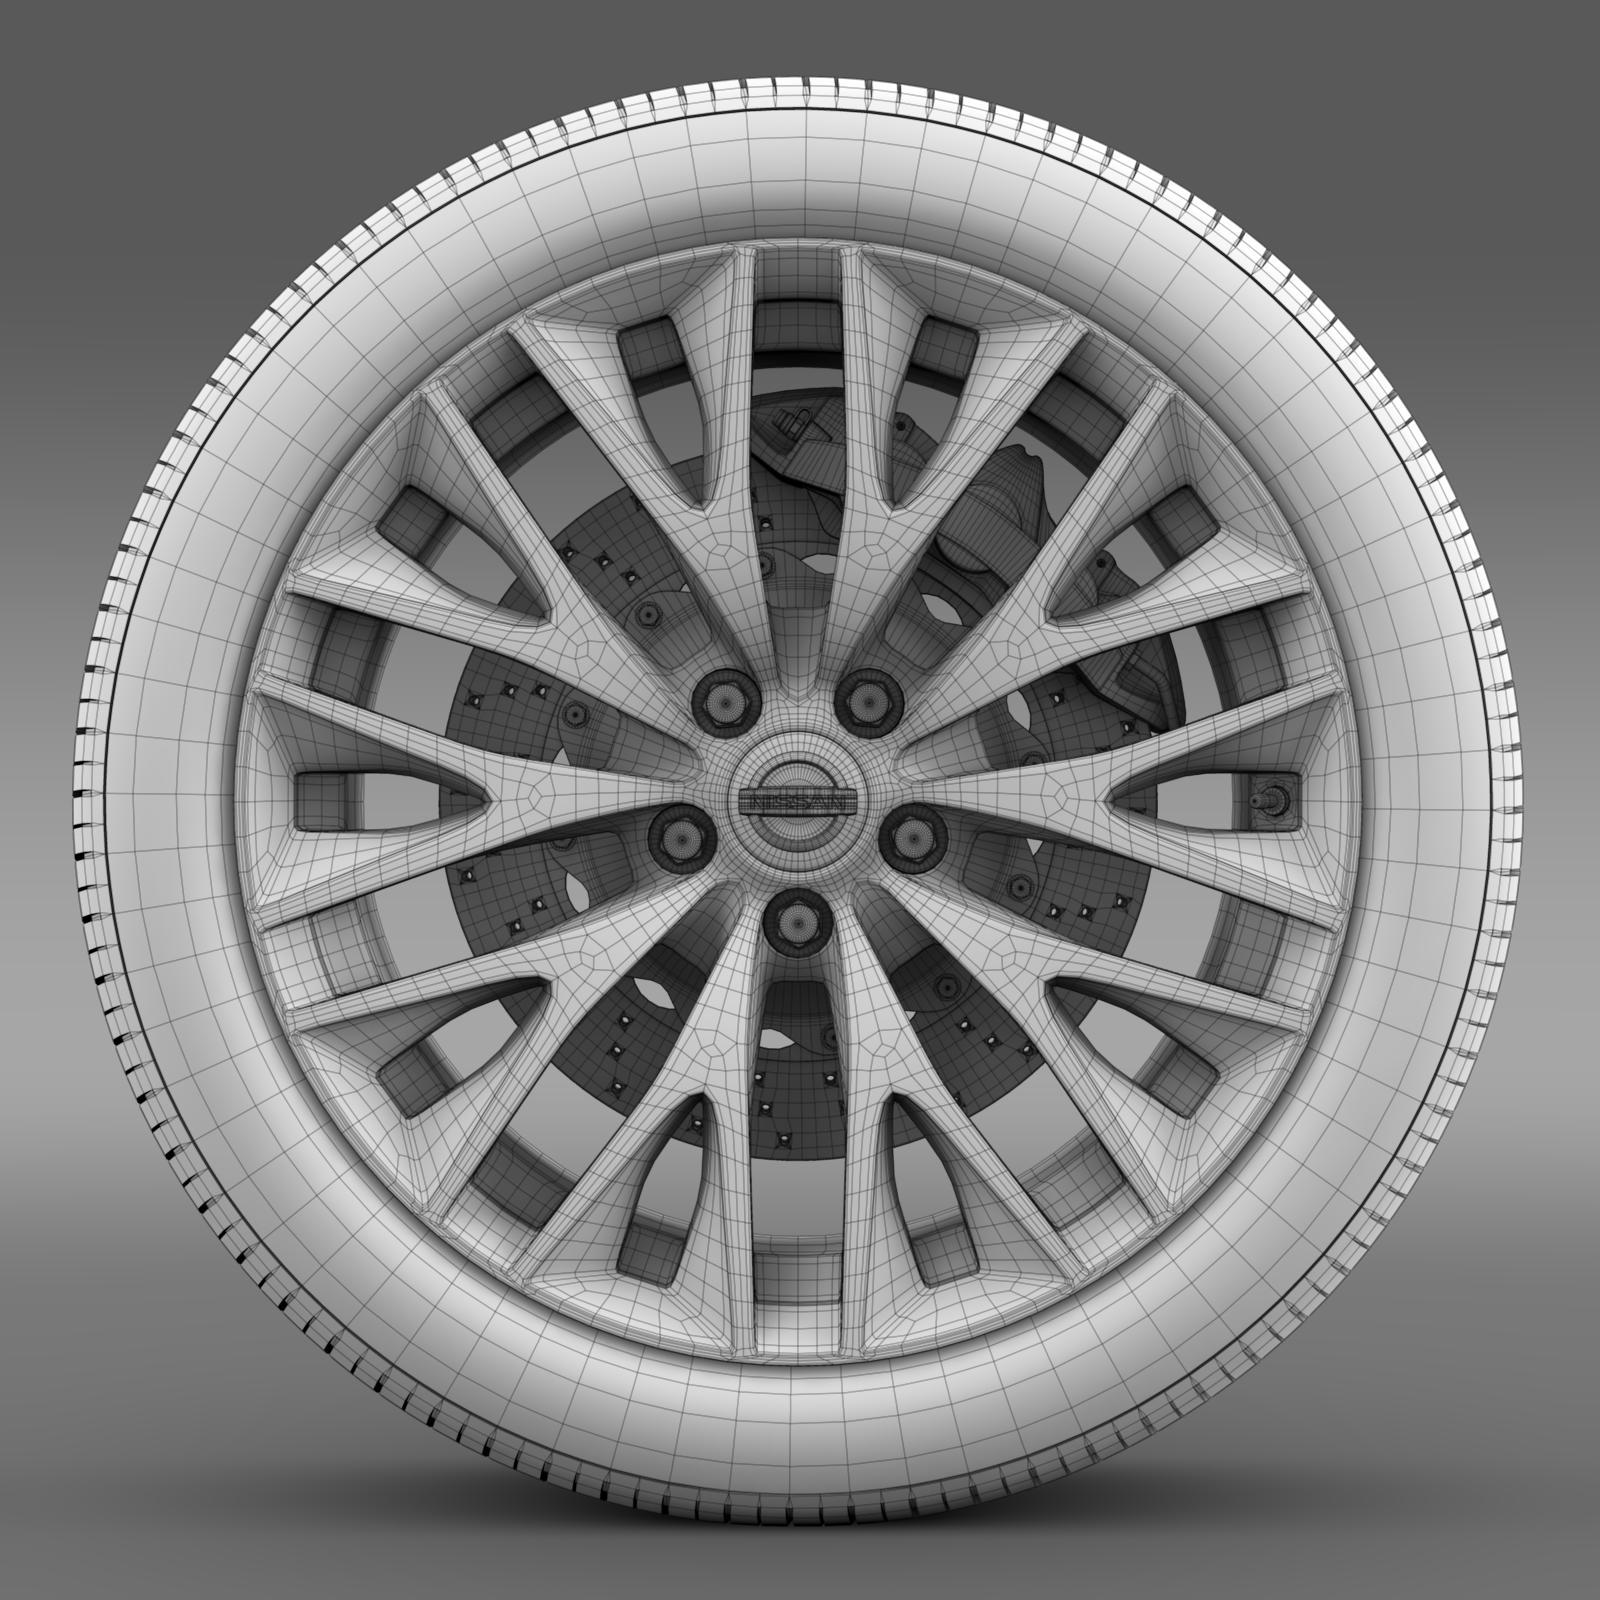 nissan cima hybrid wheel 3d model 3ds max fbx c4d lwo ma mb hrc xsi obj 210822